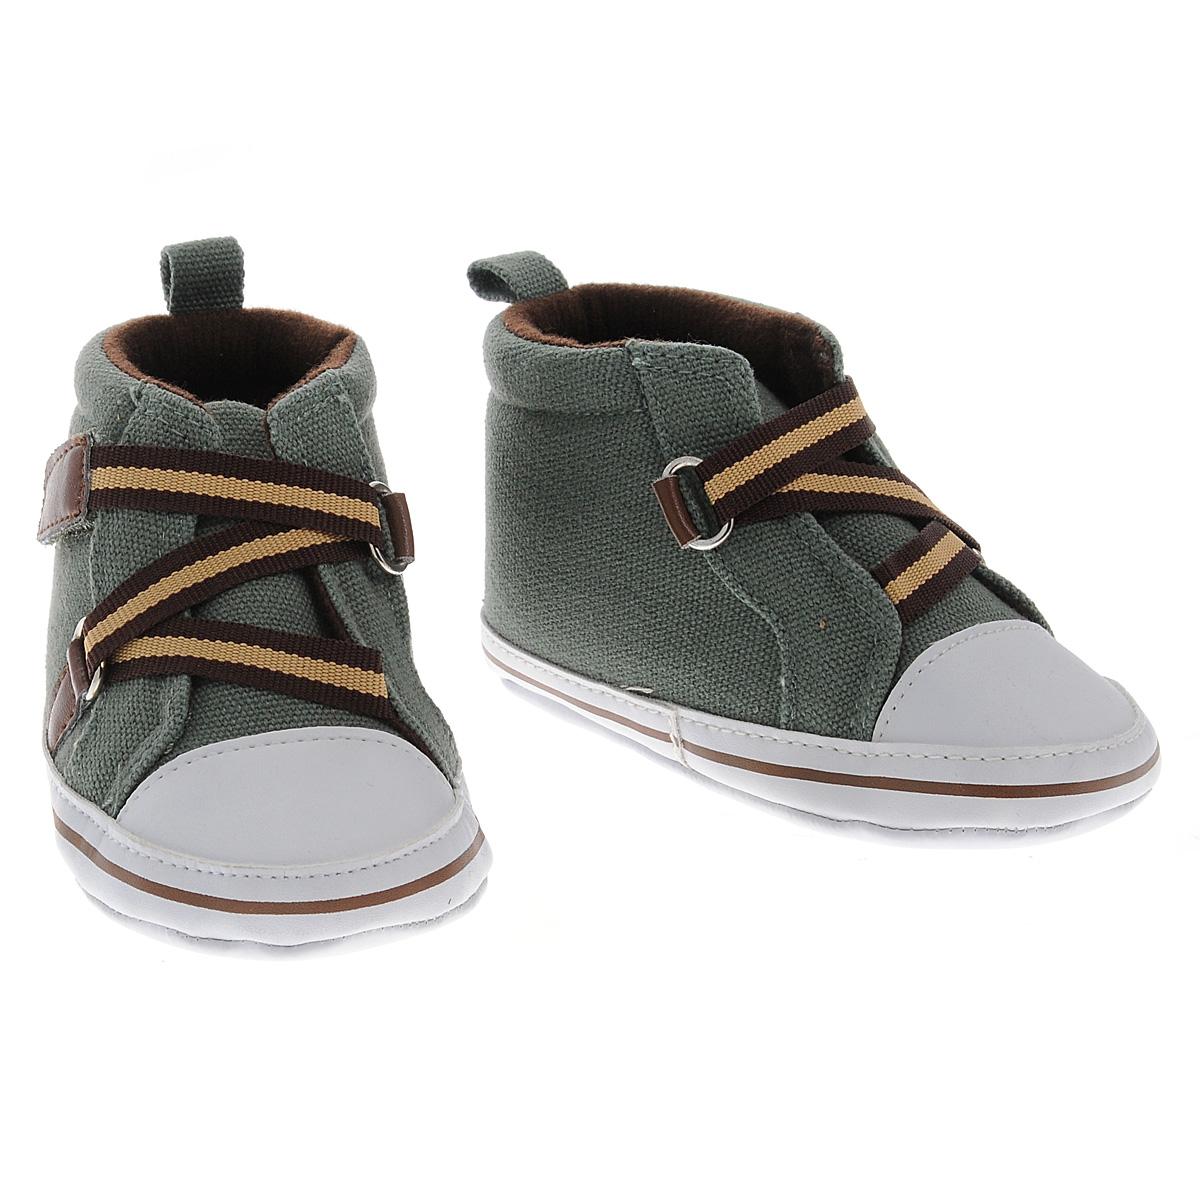 Пинетки Luvable Friends Высокие кеды Зигзаг, цвет: хаки. 11195. Размер 12/18мес11195Оригинальные детские пинетки для мальчика Luvable Friends, стилизованные под Высокие кеды - это легкая и удобная обувь для малышей. Удобная шнуровка на липучке в виде зигзага, мягкие, не сдавливающие ножку материалы делают модель практичной и популярной. Стопа оформлена прорезиненным рельефным рисунком, благодаря которому ребенок не будет скользить.Такие пинетки - отличное решение для малышей и их родителей!